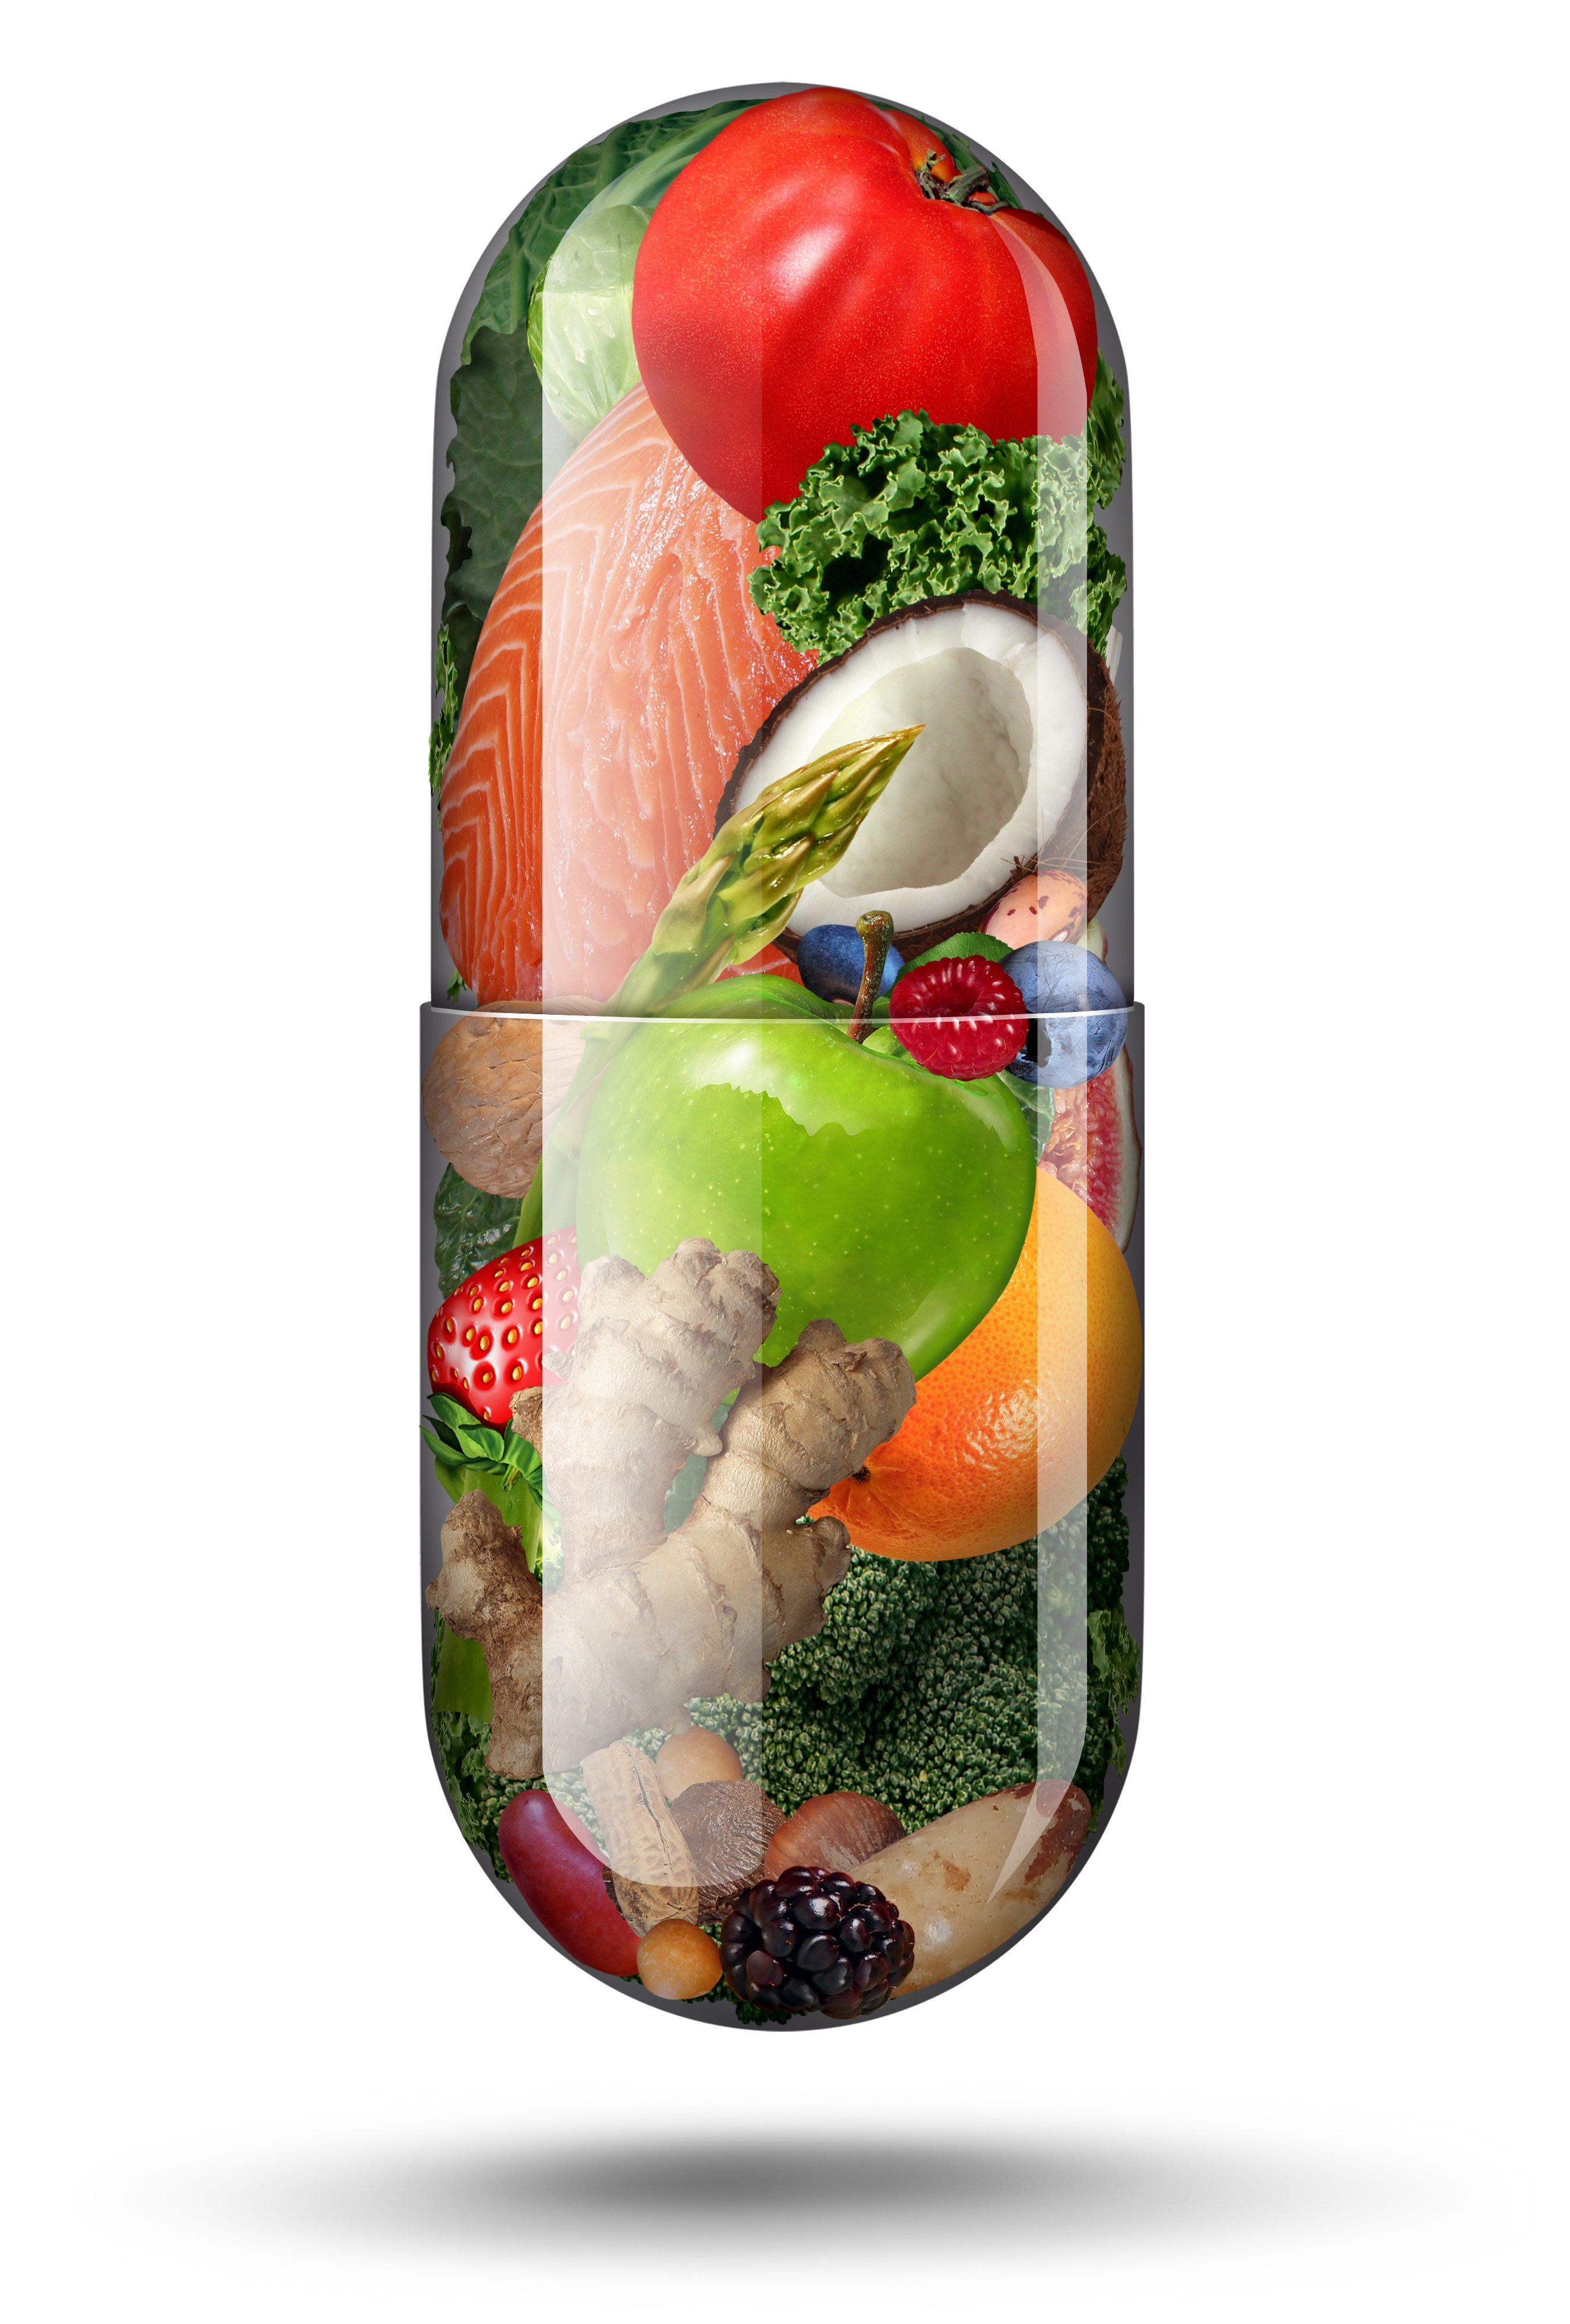 Voeding als je medicijn, een gezonde geest in een gezond lichaam